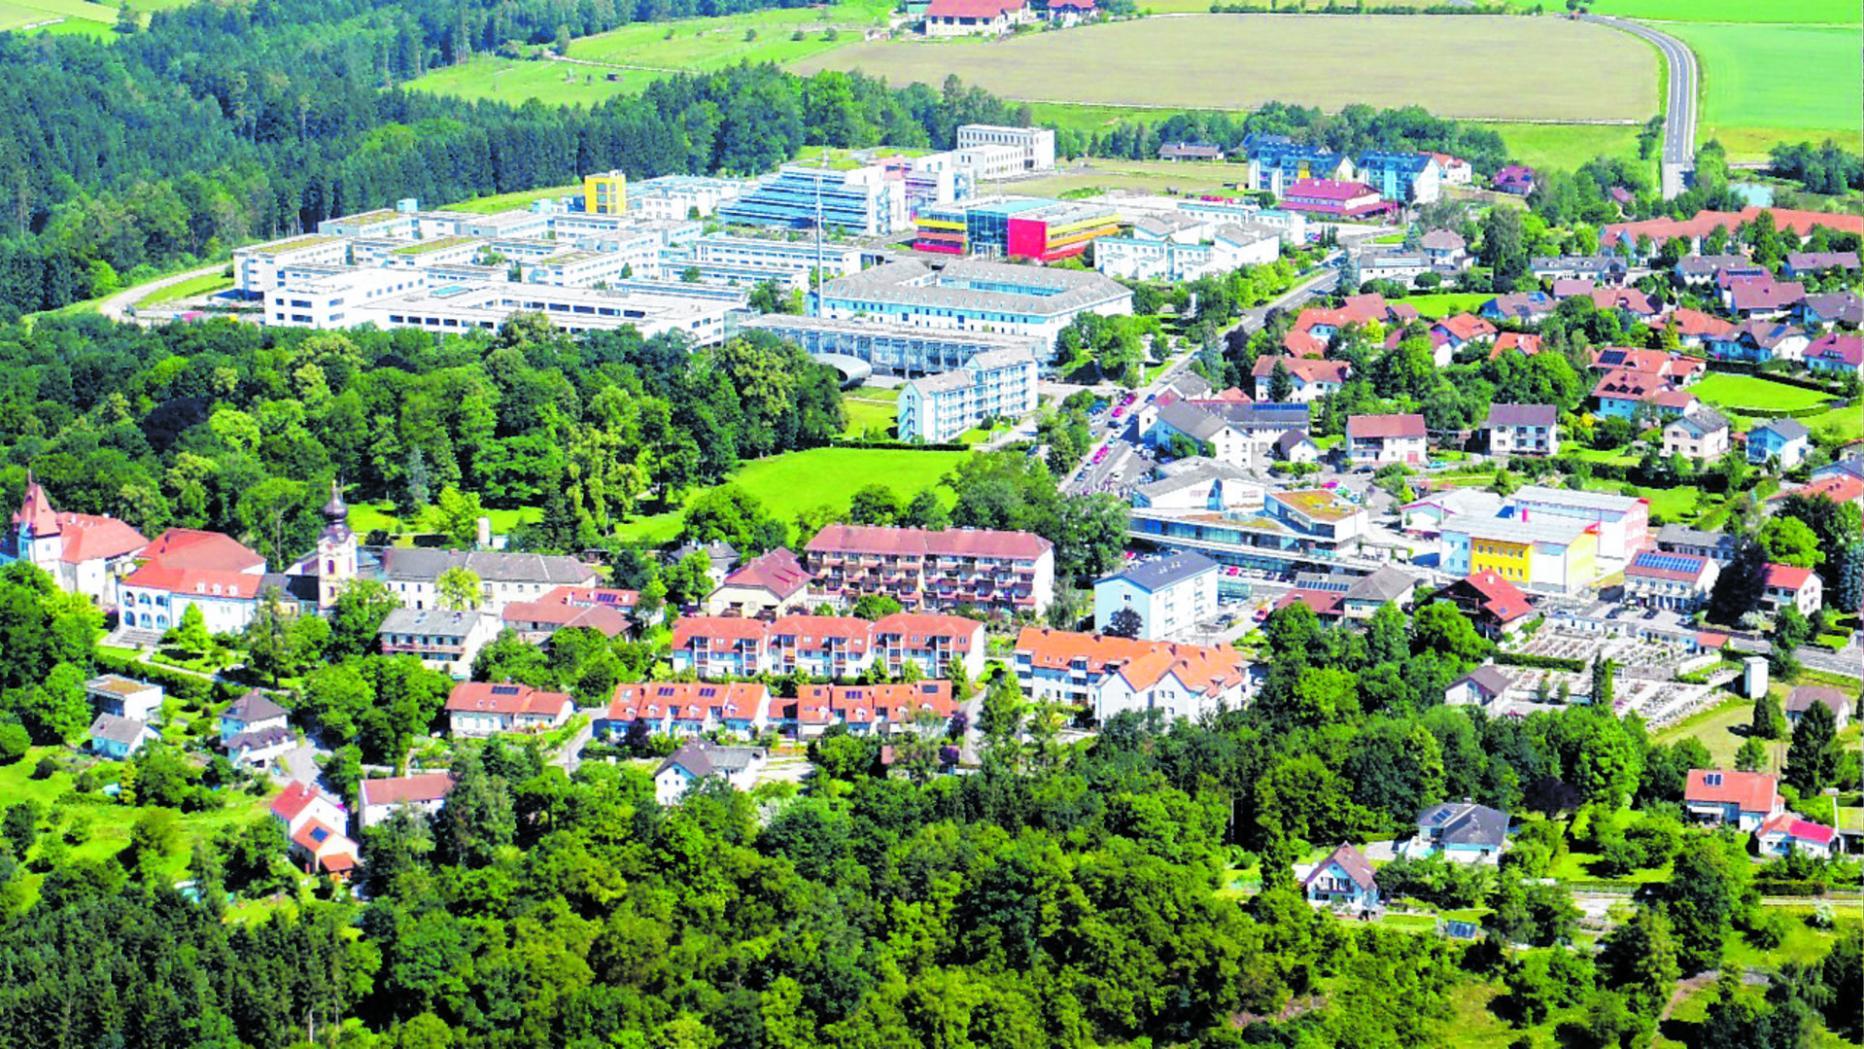 Partnersuche kostenlos in viktring: Hagenberg im mhlkreis